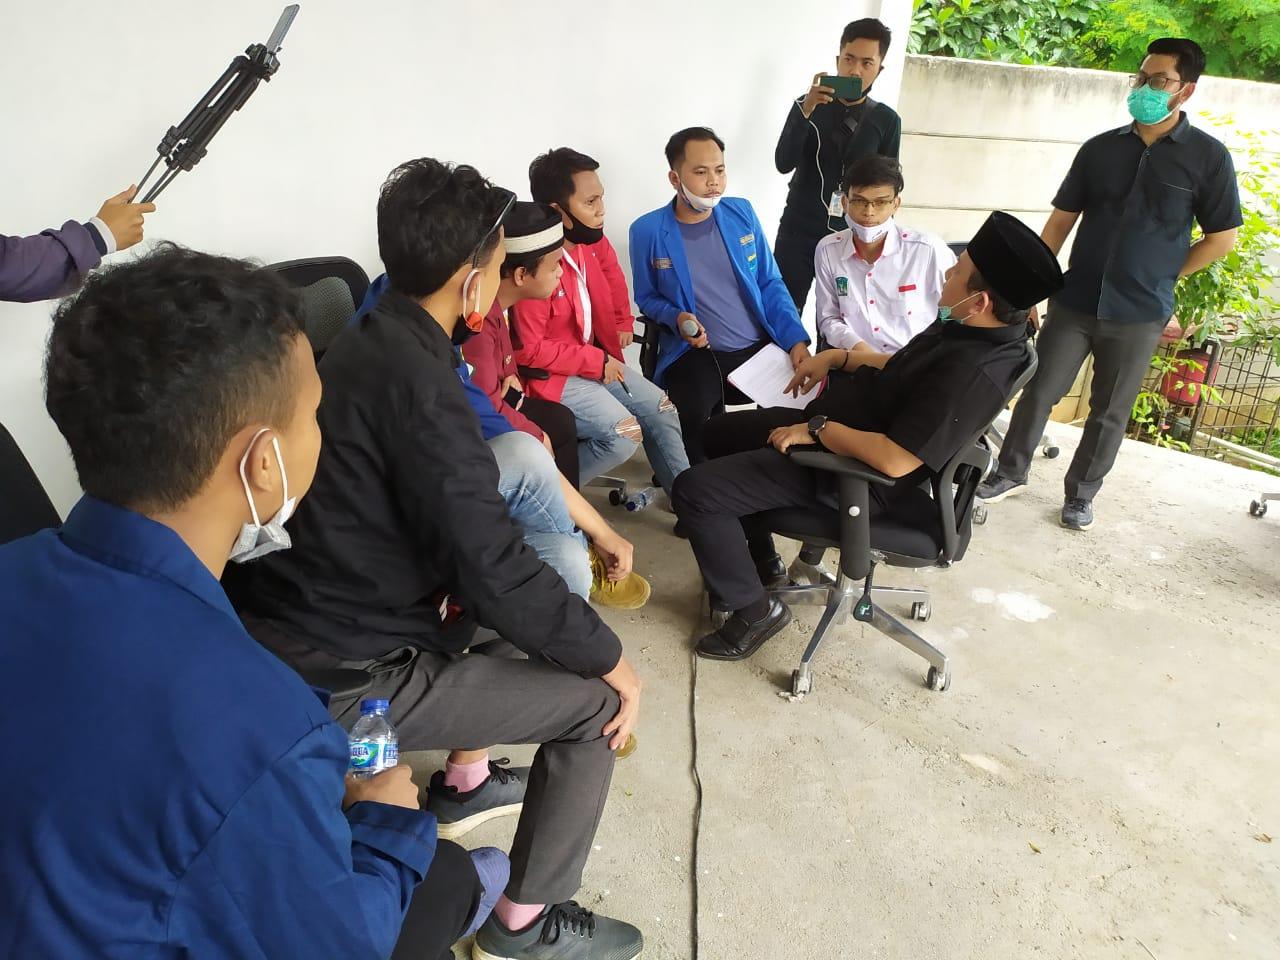 Ratusan massa aksi mahasiswa yang tergabung dalam kelompok Cipayung Plus berhasil masuk menduduki Gedung Dewan Pimpinan Rakyat Daerah (DPRD) Kota Tangerang Selatan, Kamis (8/10/2020).